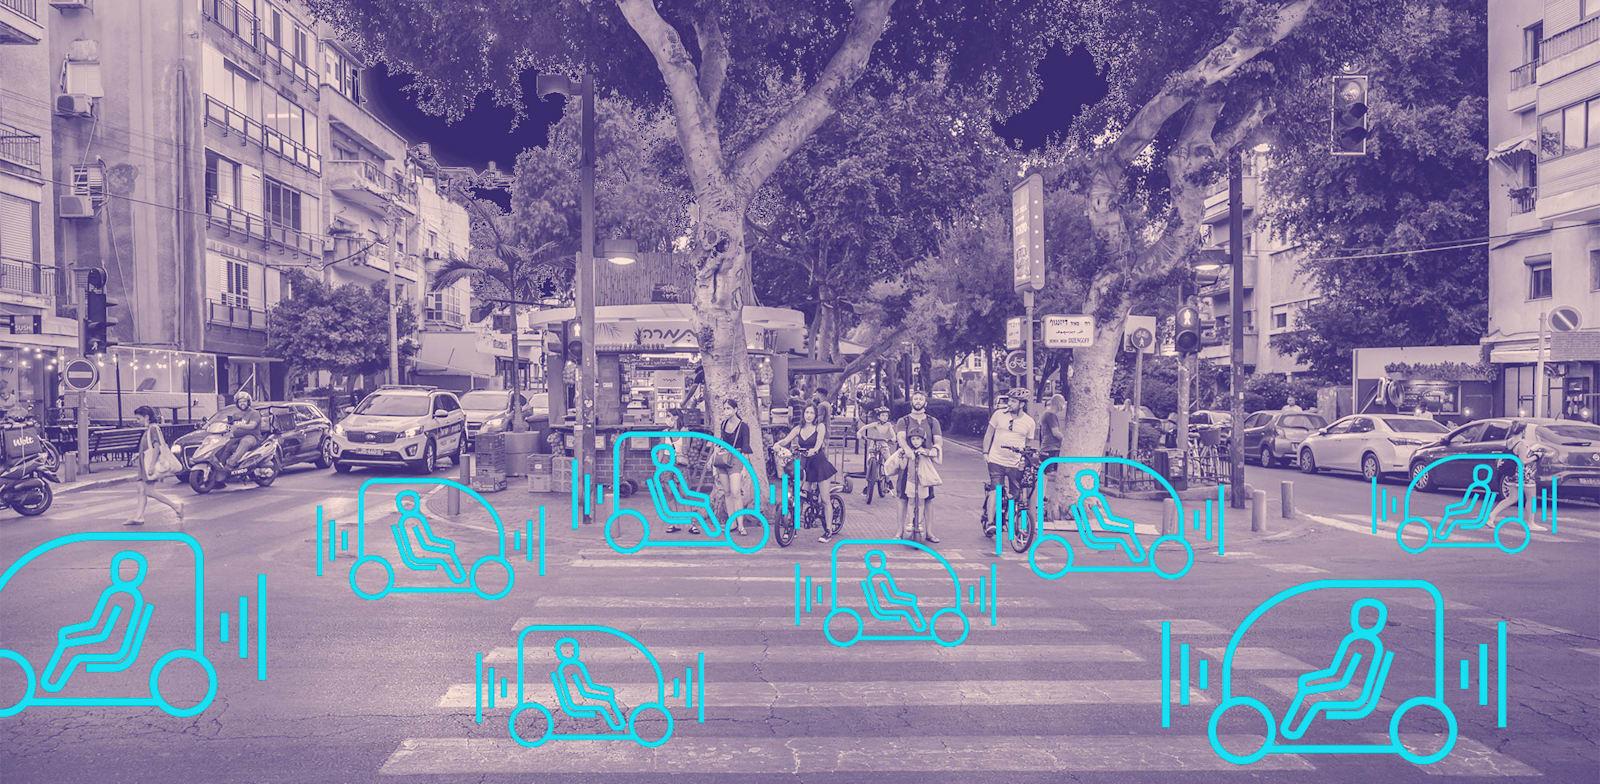 כלי הרכב יסיעו נוסעים ללא נהג ברחובות תל אביב החל מהשנה הבאה / צילום: Shutterstock